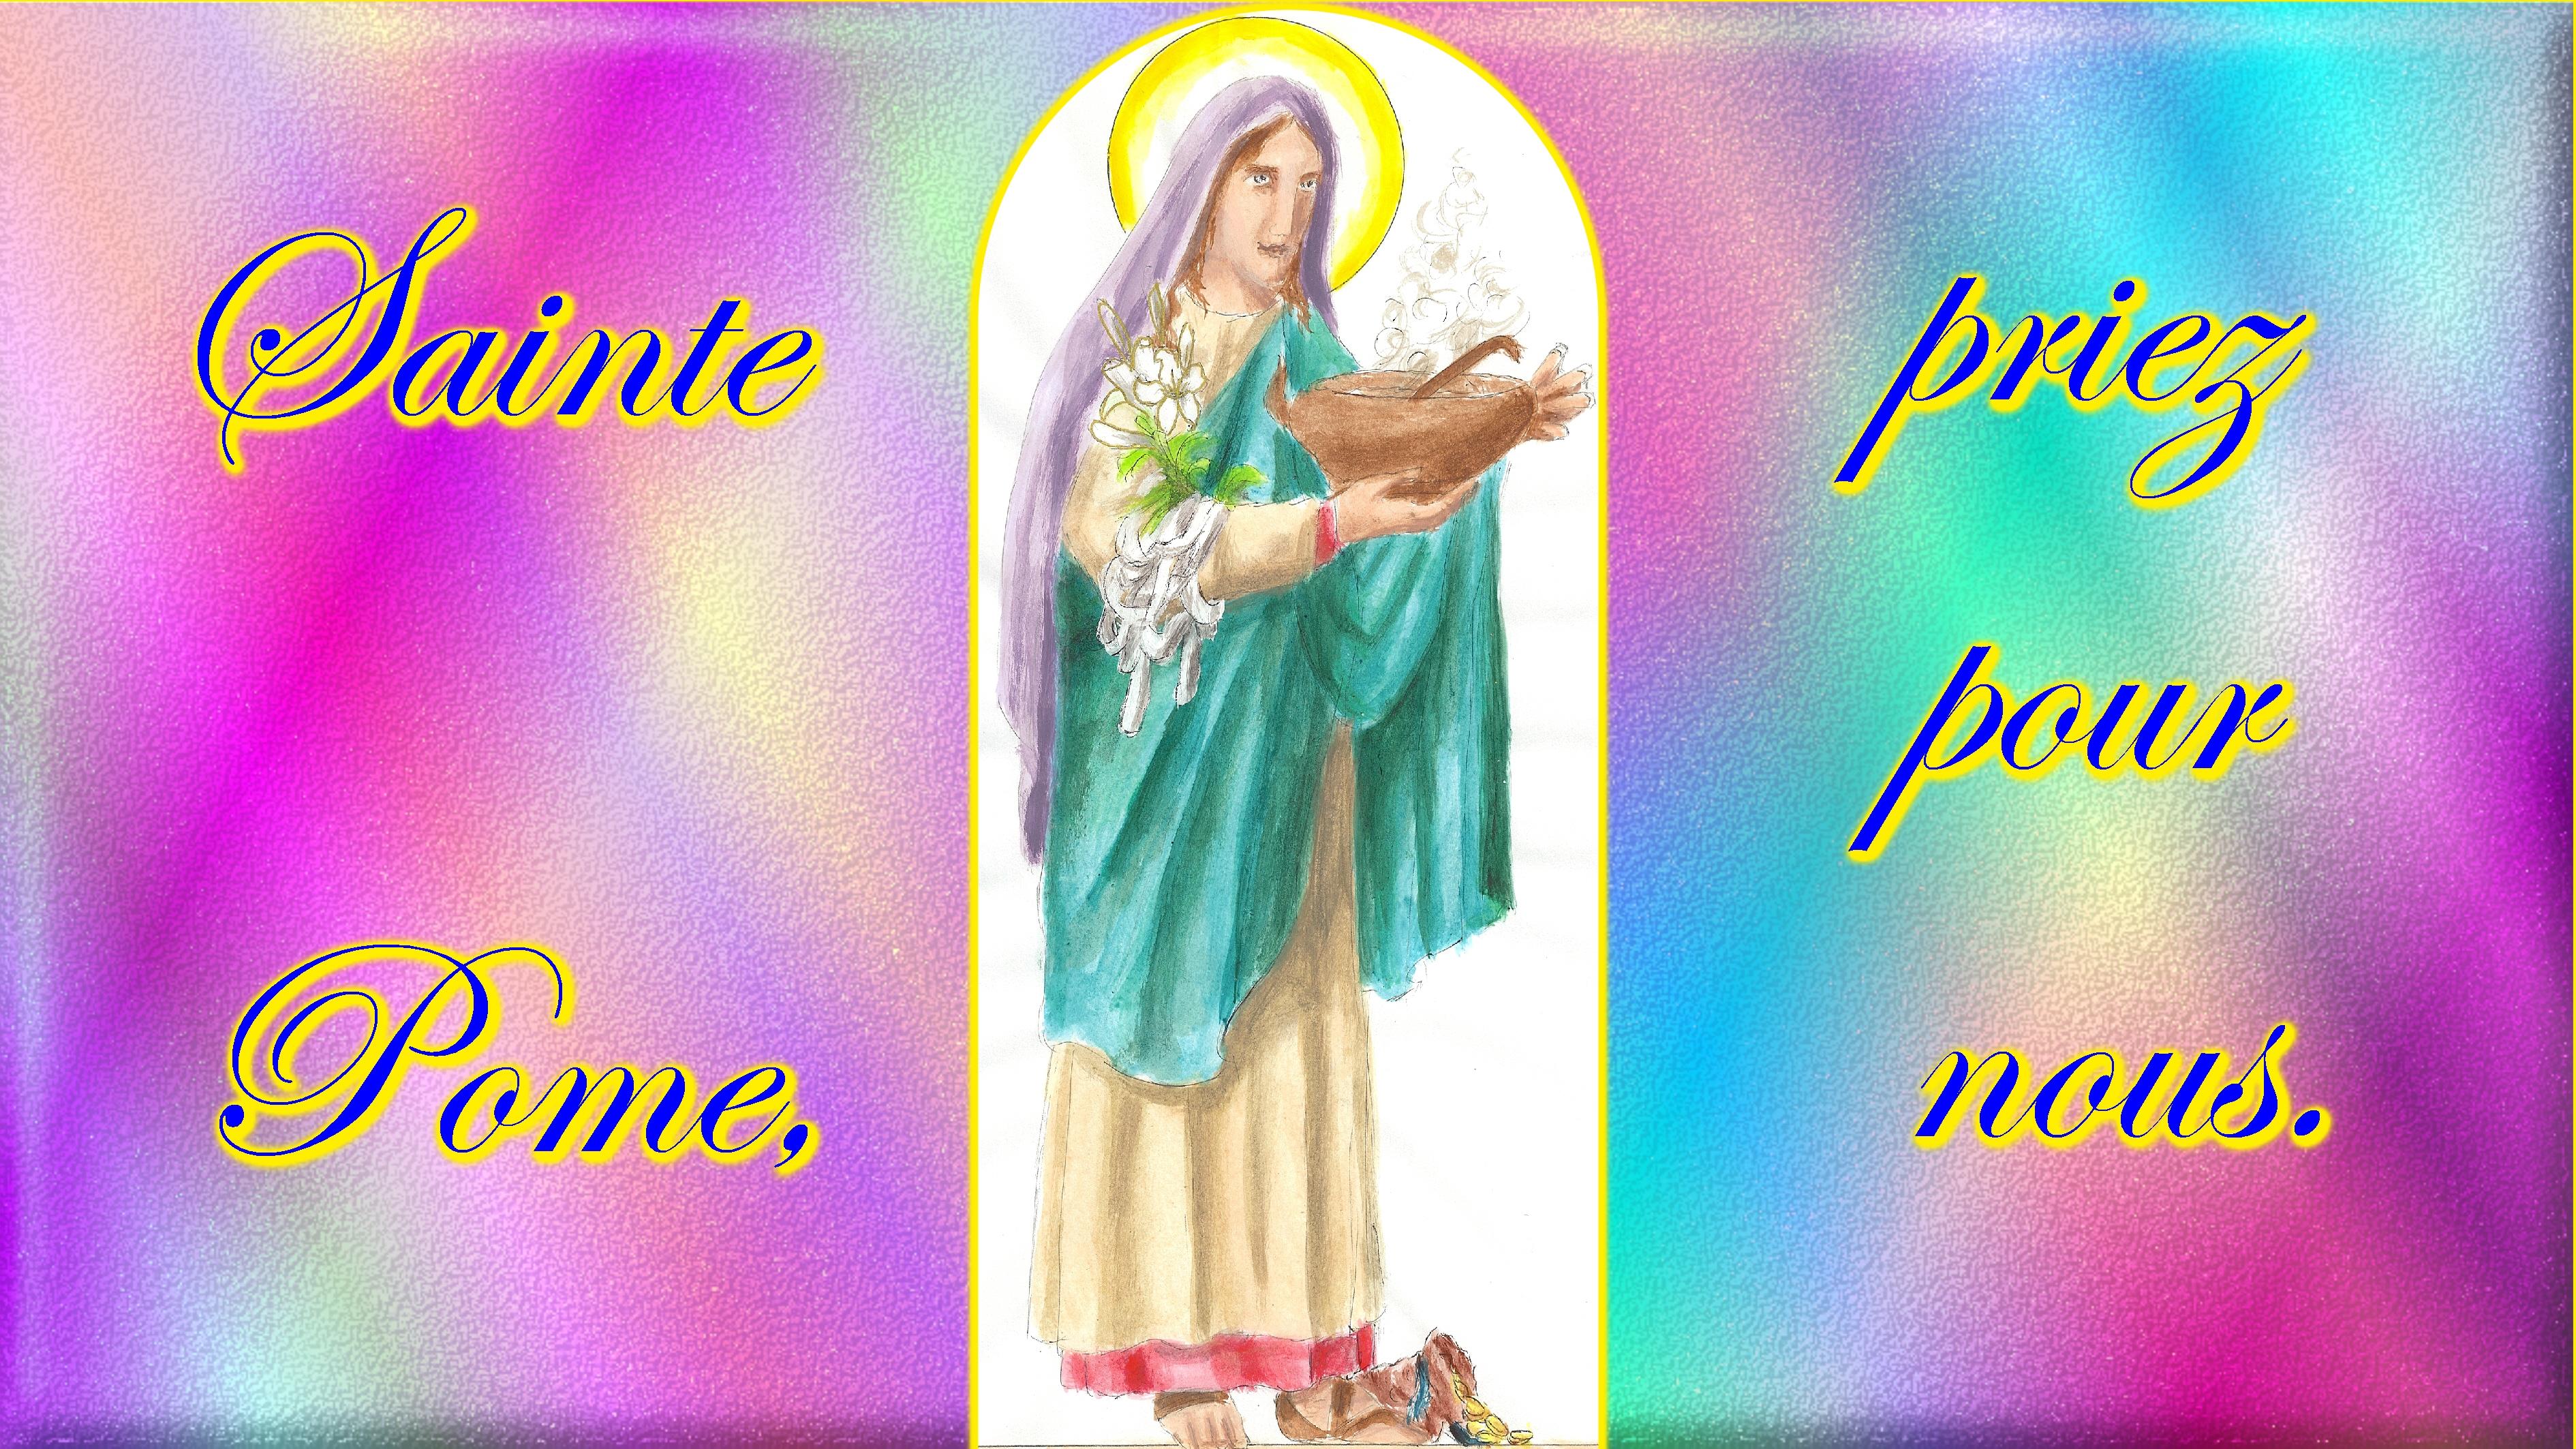 CALENDRIER CATHOLIQUE 2020 (Cantiques, Prières & Images) - Page 23 Ste-pome-579d500